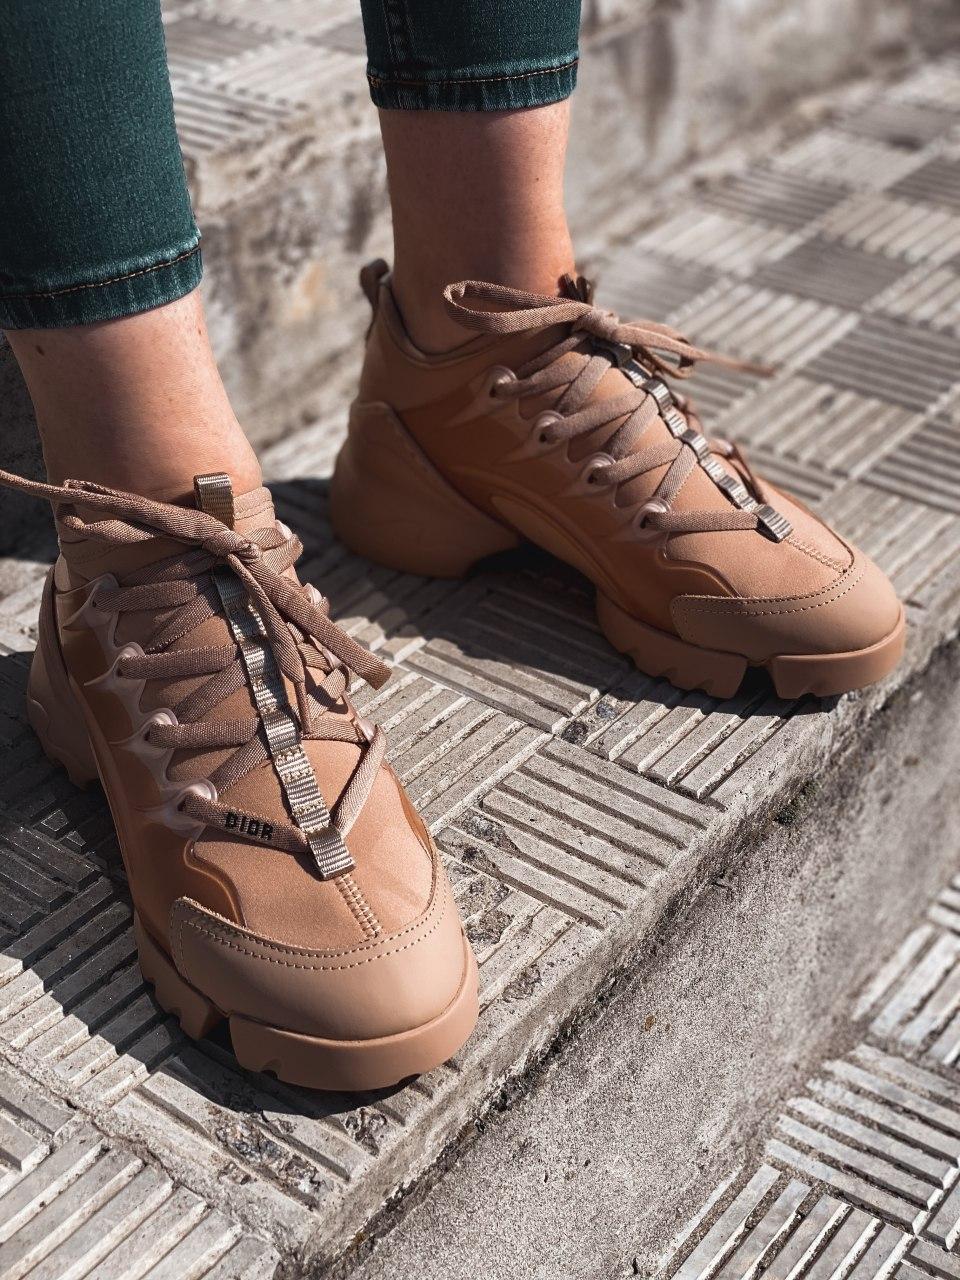 Женские кроссовки Dior бежевого цвета. Модные кроссовки женские Диор бежевые.